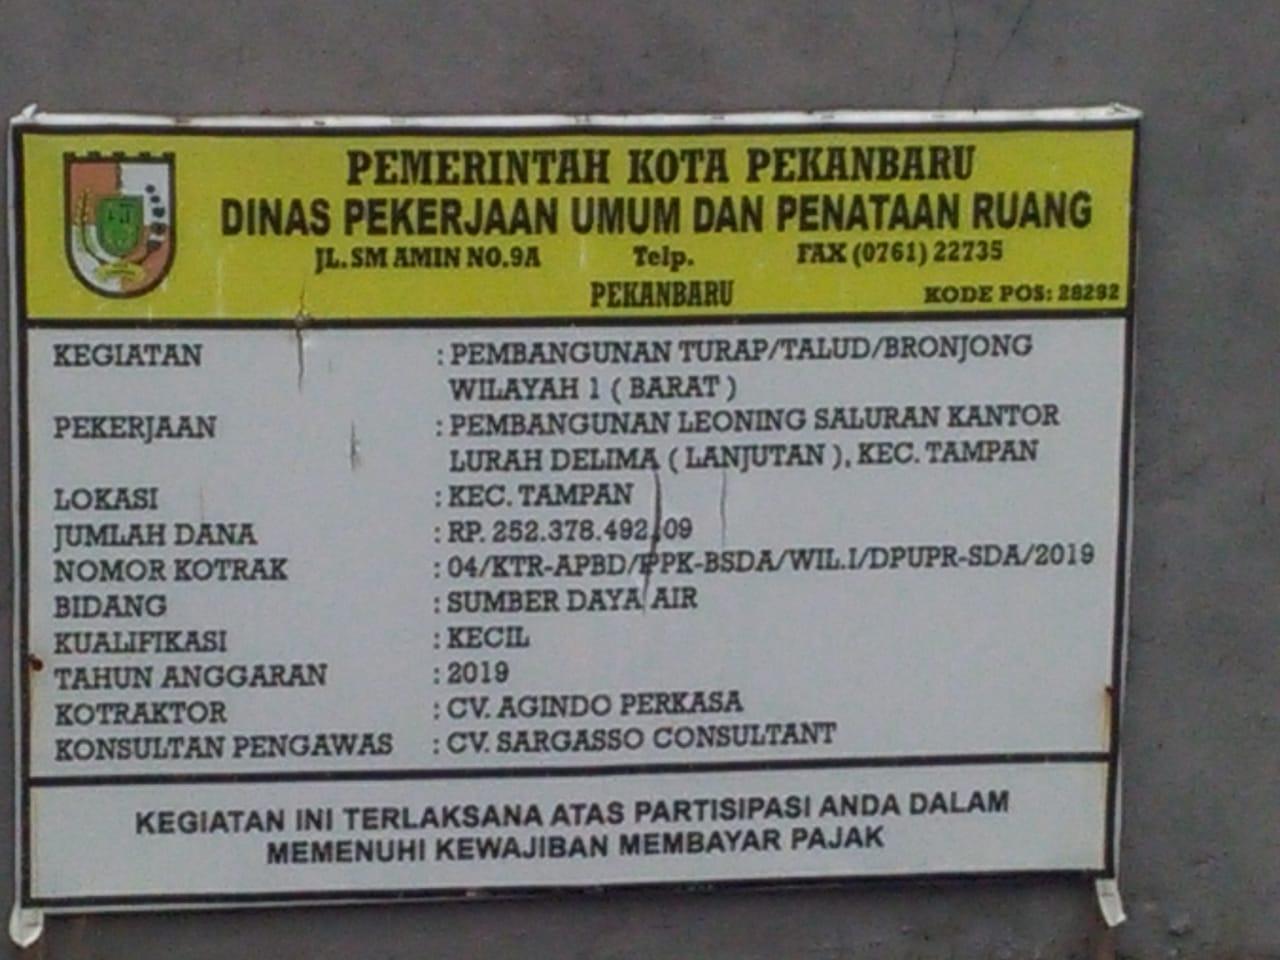 Lembaga Lidik Kasus Minta Inspektorat Periksa Proyek Turap di Jalan Delima Kota Pekanbaru Tahun 2019